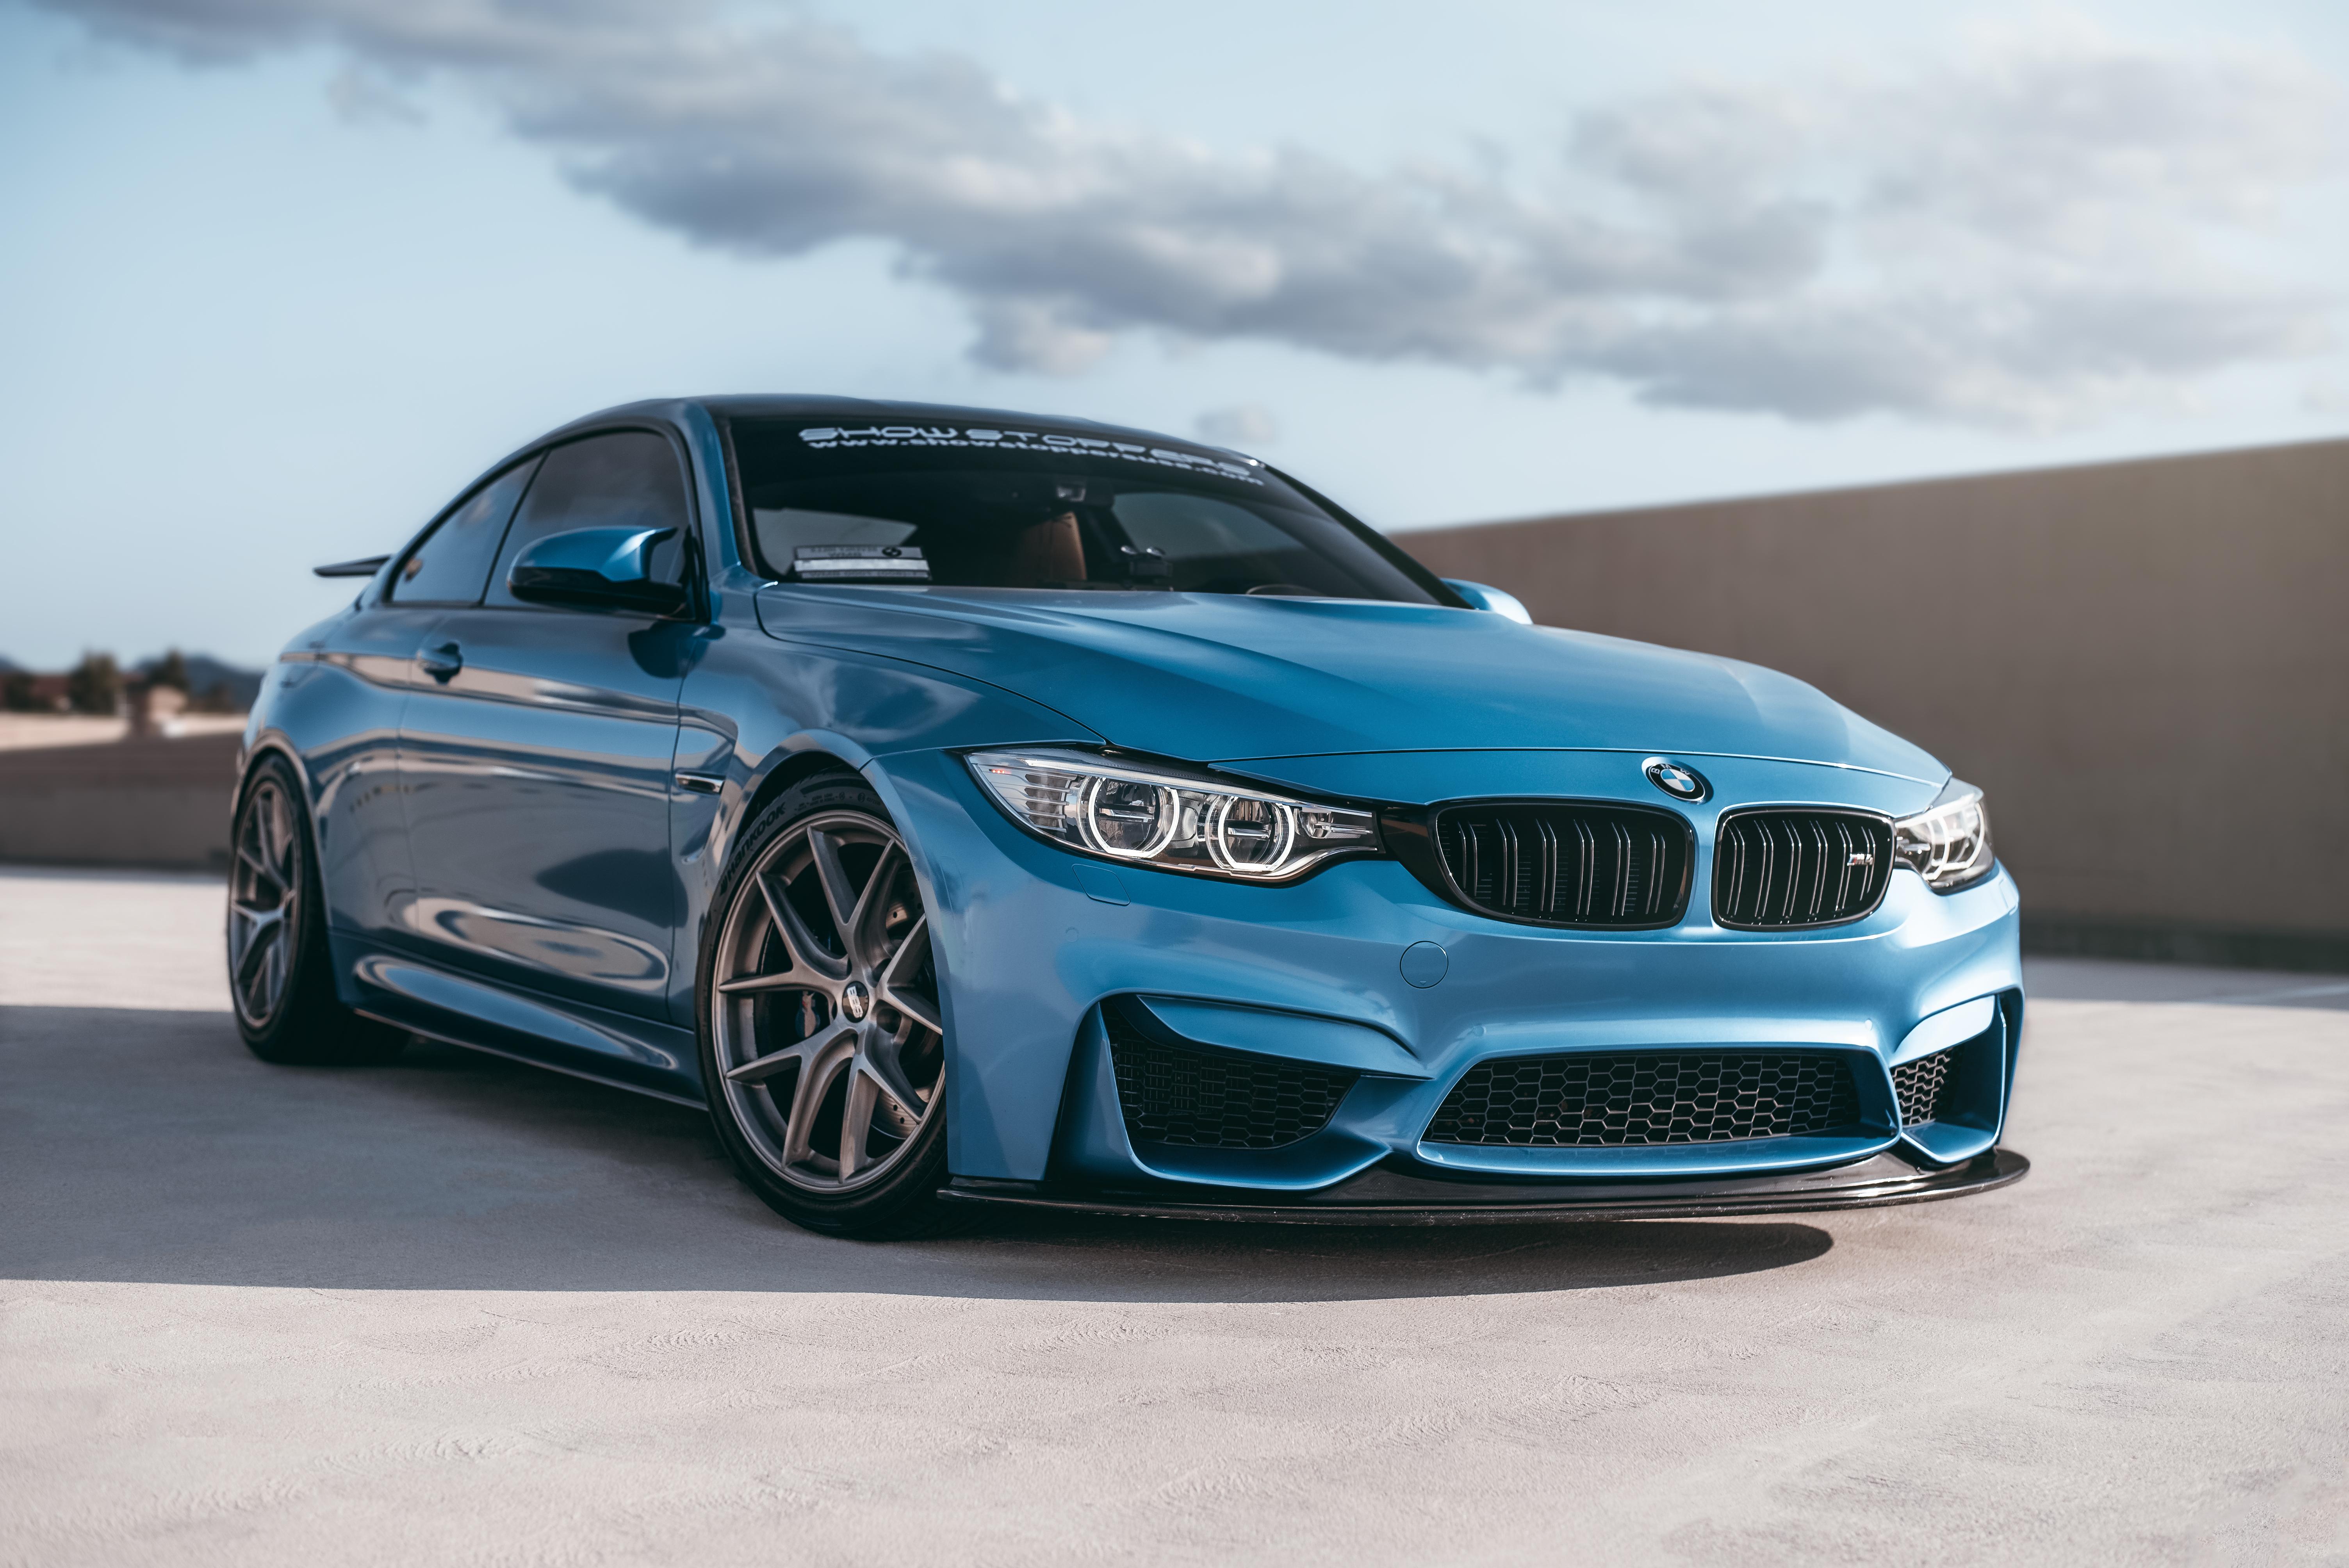 2018 Germany Vehicle Dependability Study